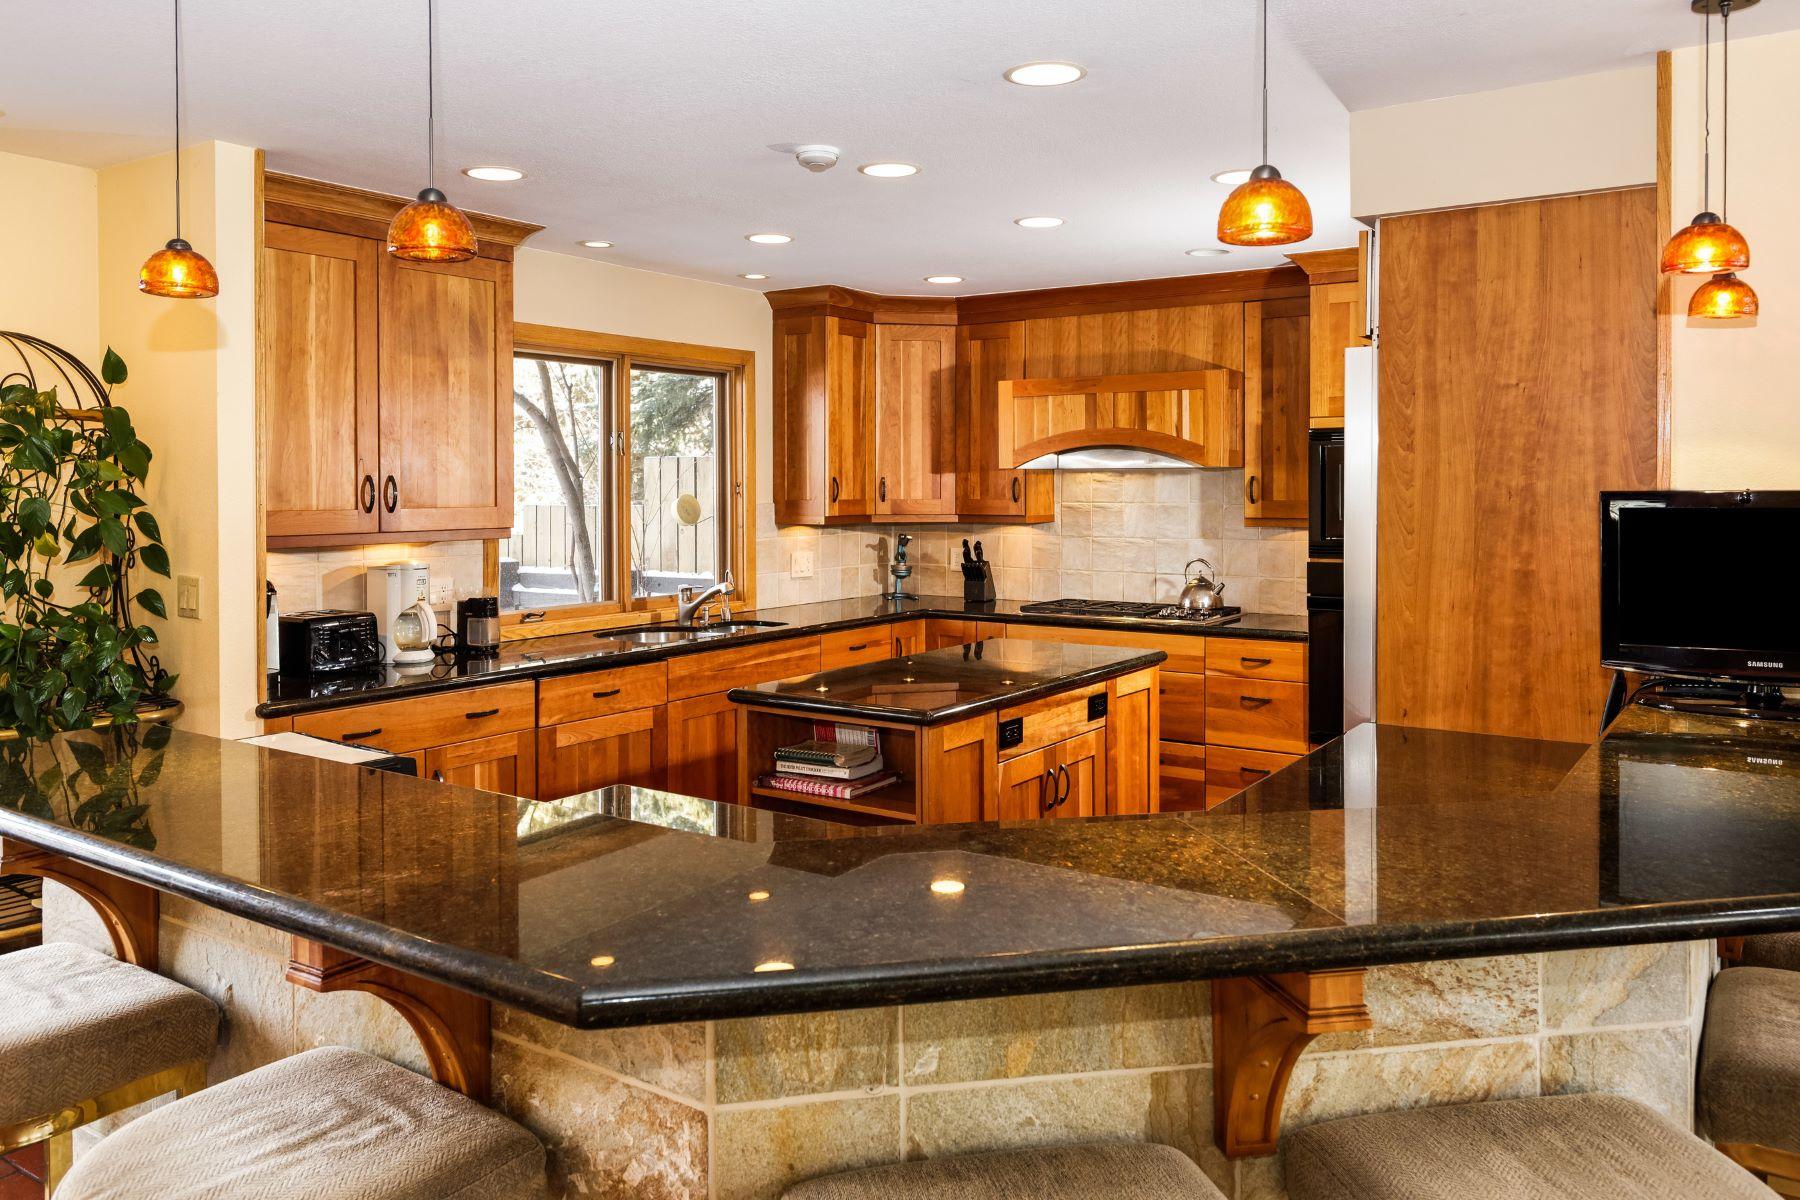 дуплекс для того Продажа на 1/10th Interest 1412 Sierra Vista Drive, West Aspen, Aspen, Колорадо, 81611 Соединенные Штаты